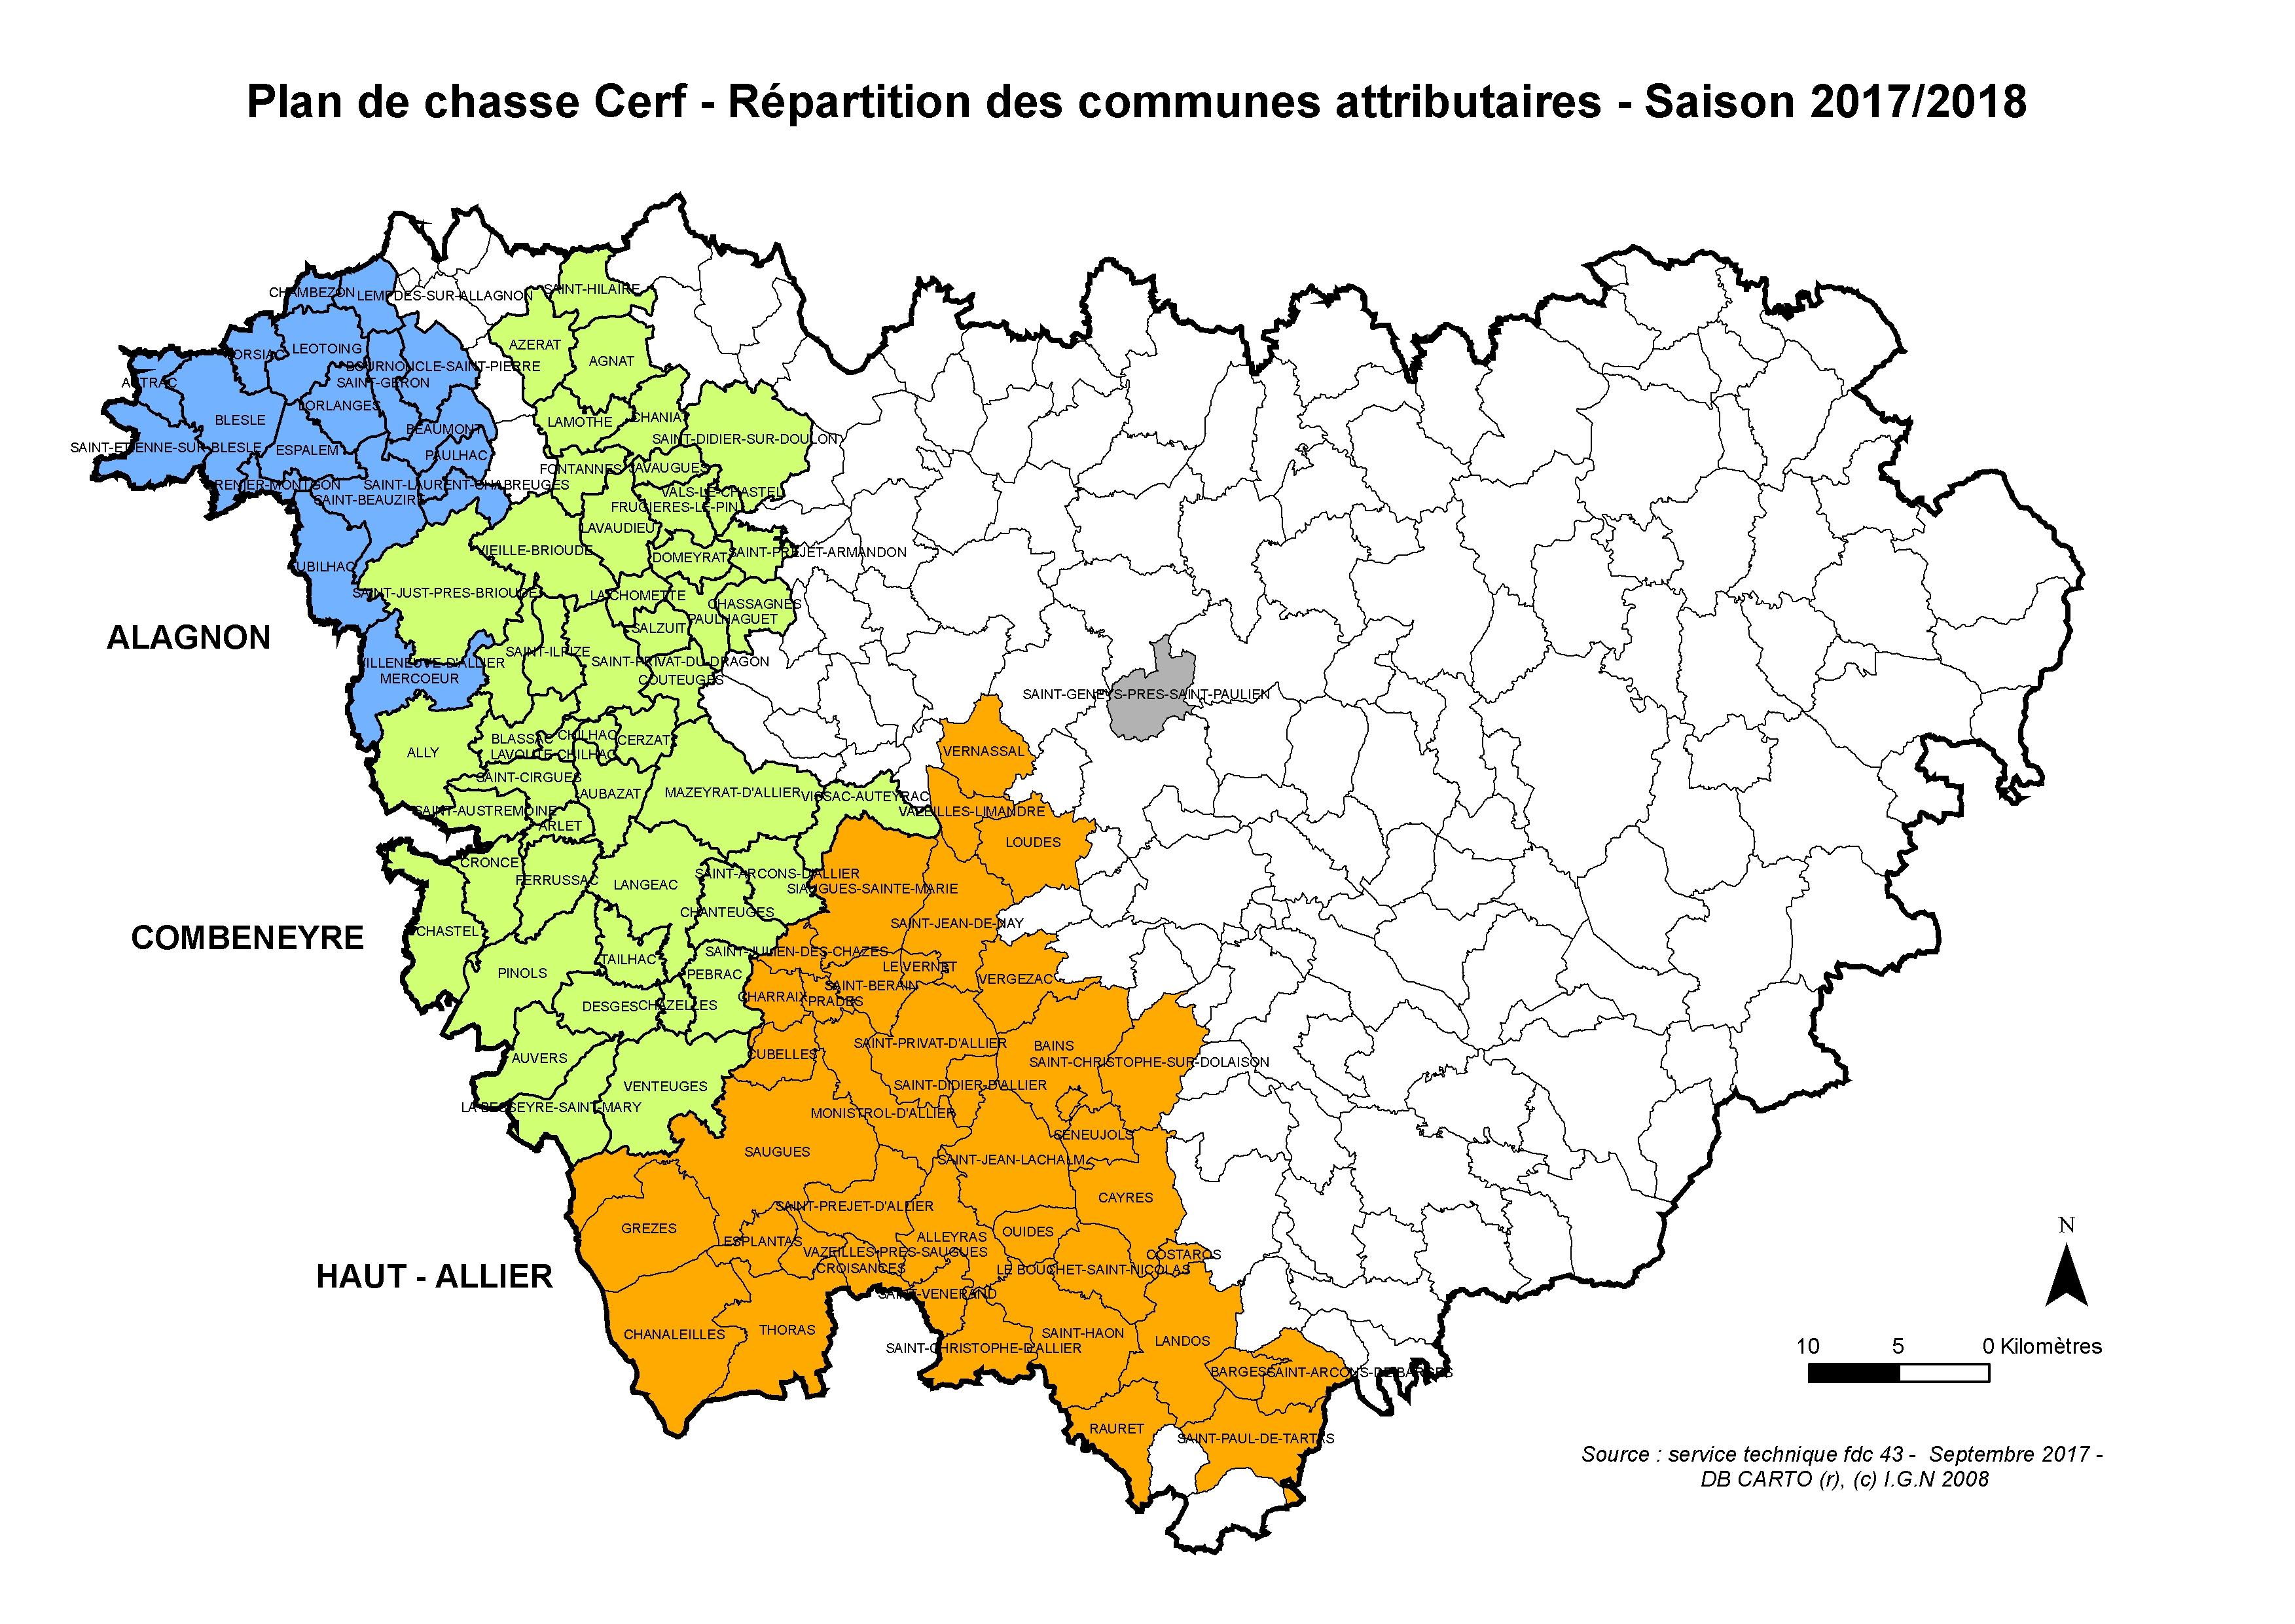 Unité de gestion Cerf – Commune avec plan de chasse cerf 2017 2018